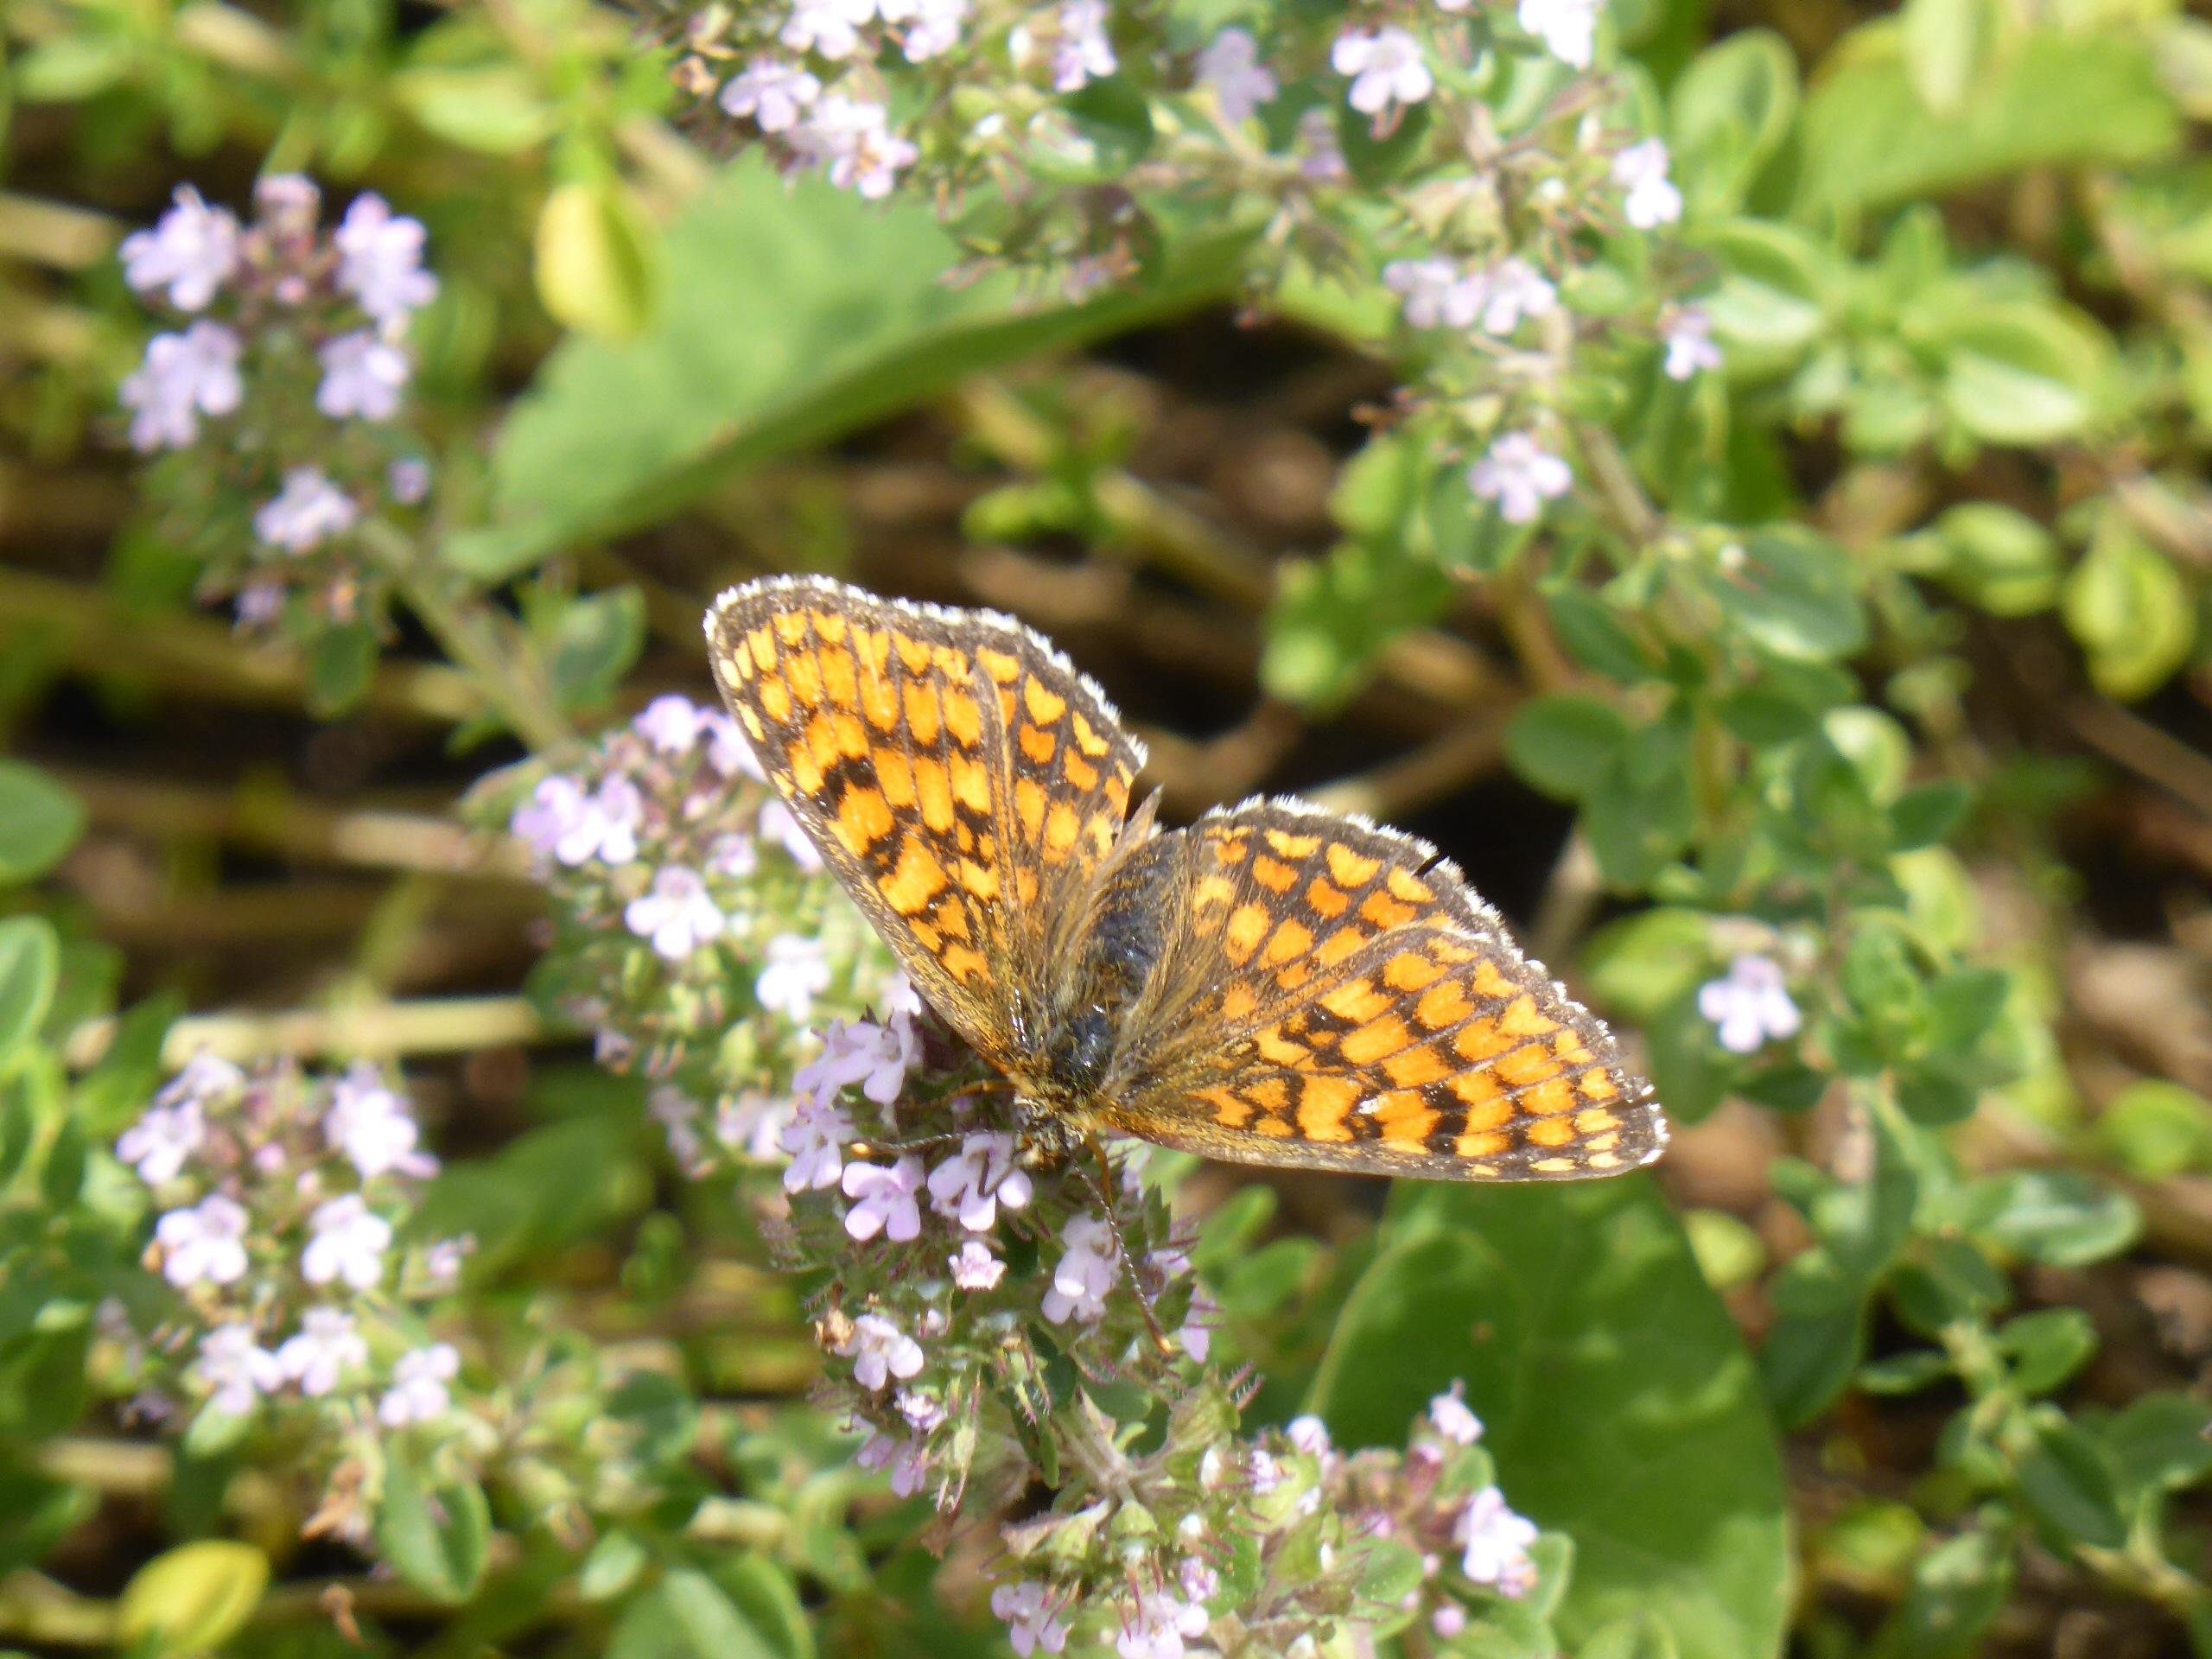 Eté 2014 - Papillon sur fleur d'origan ou marjolaine - Par Violaine